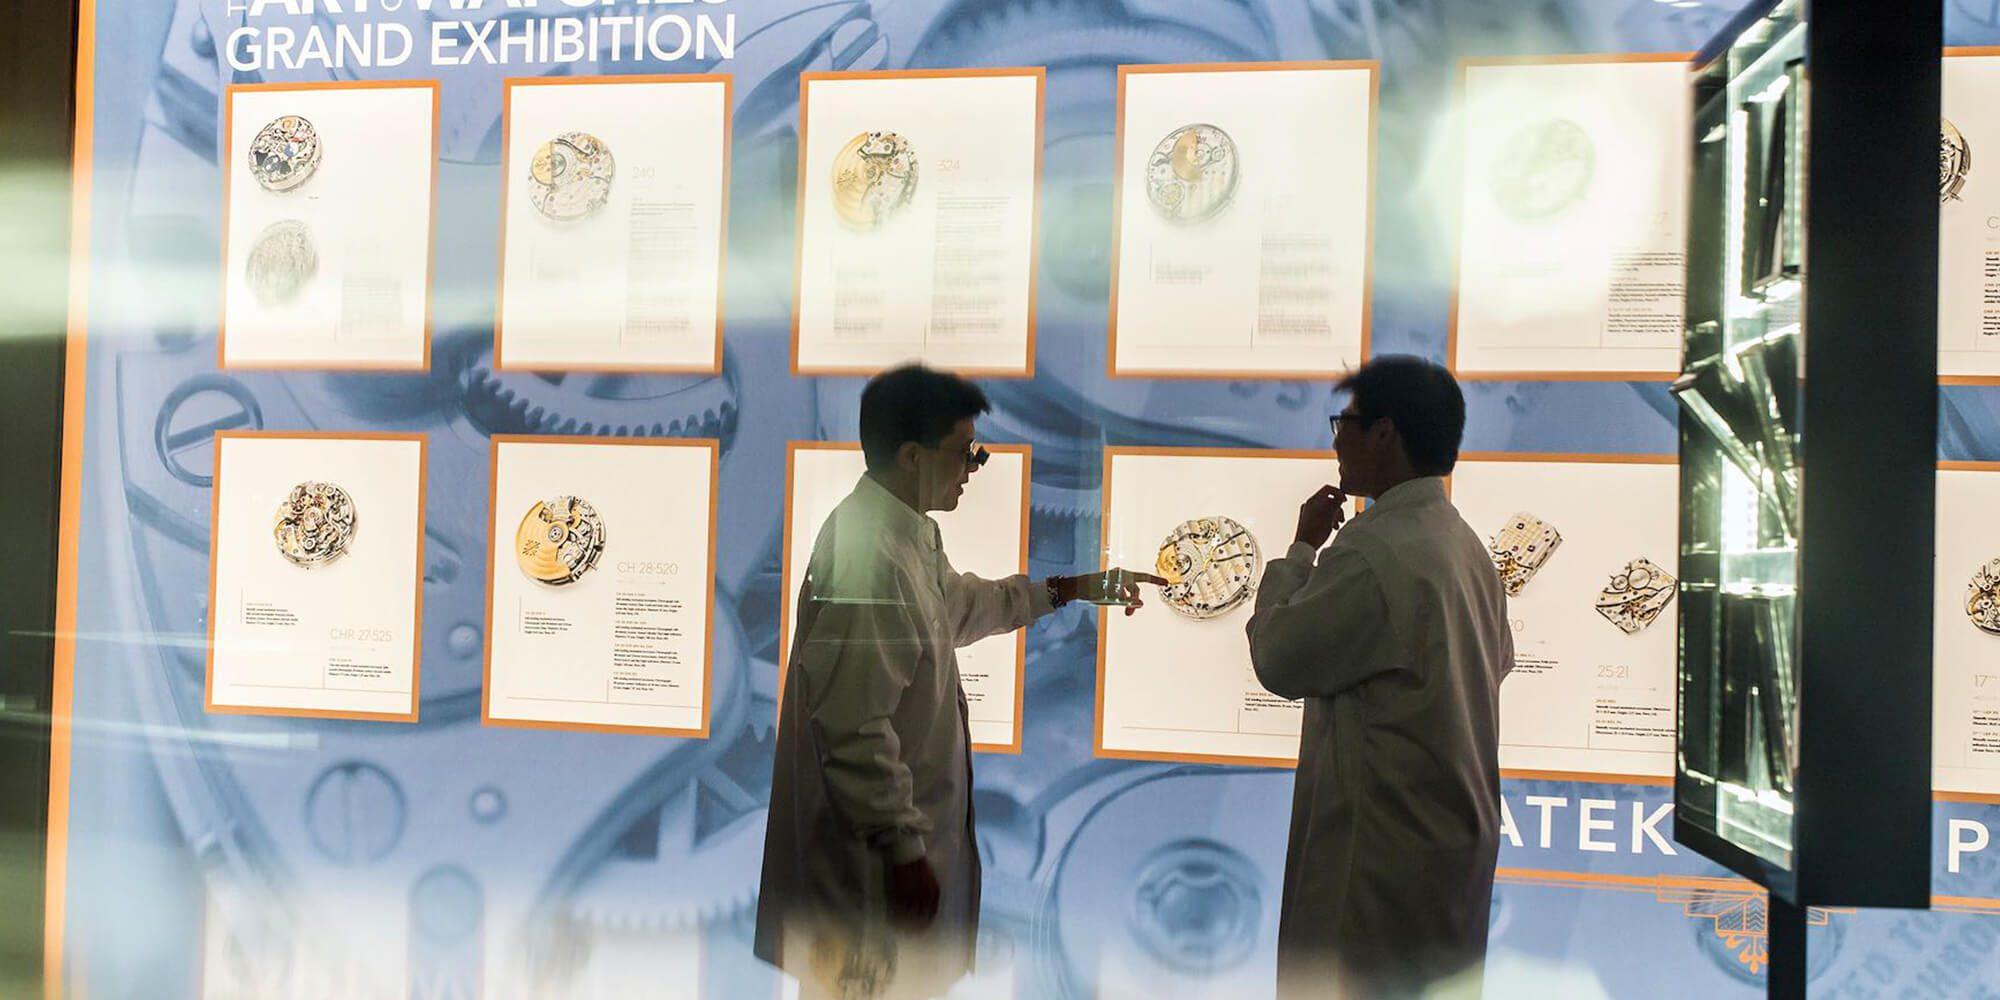 Patek Phillipe exhibition